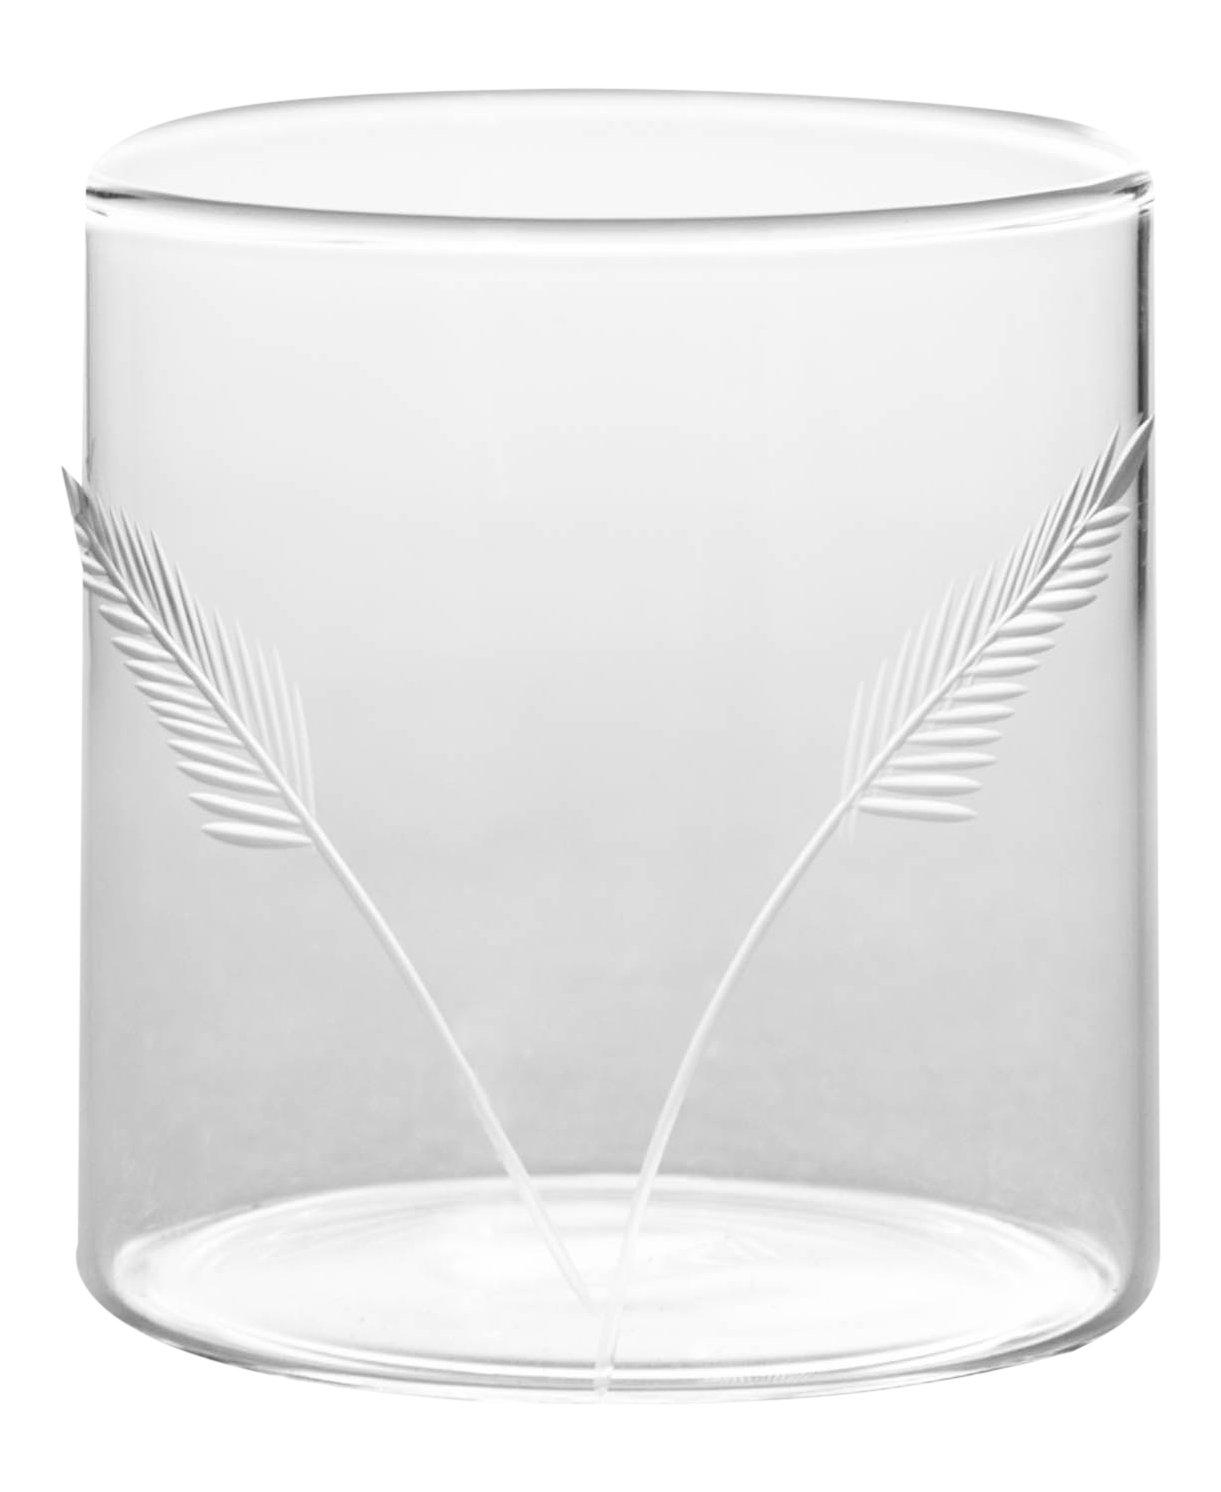 Borosil VDFT305 Vision Deco Fern Tumbler (Set of 6), 10 oz (300ml), Glass